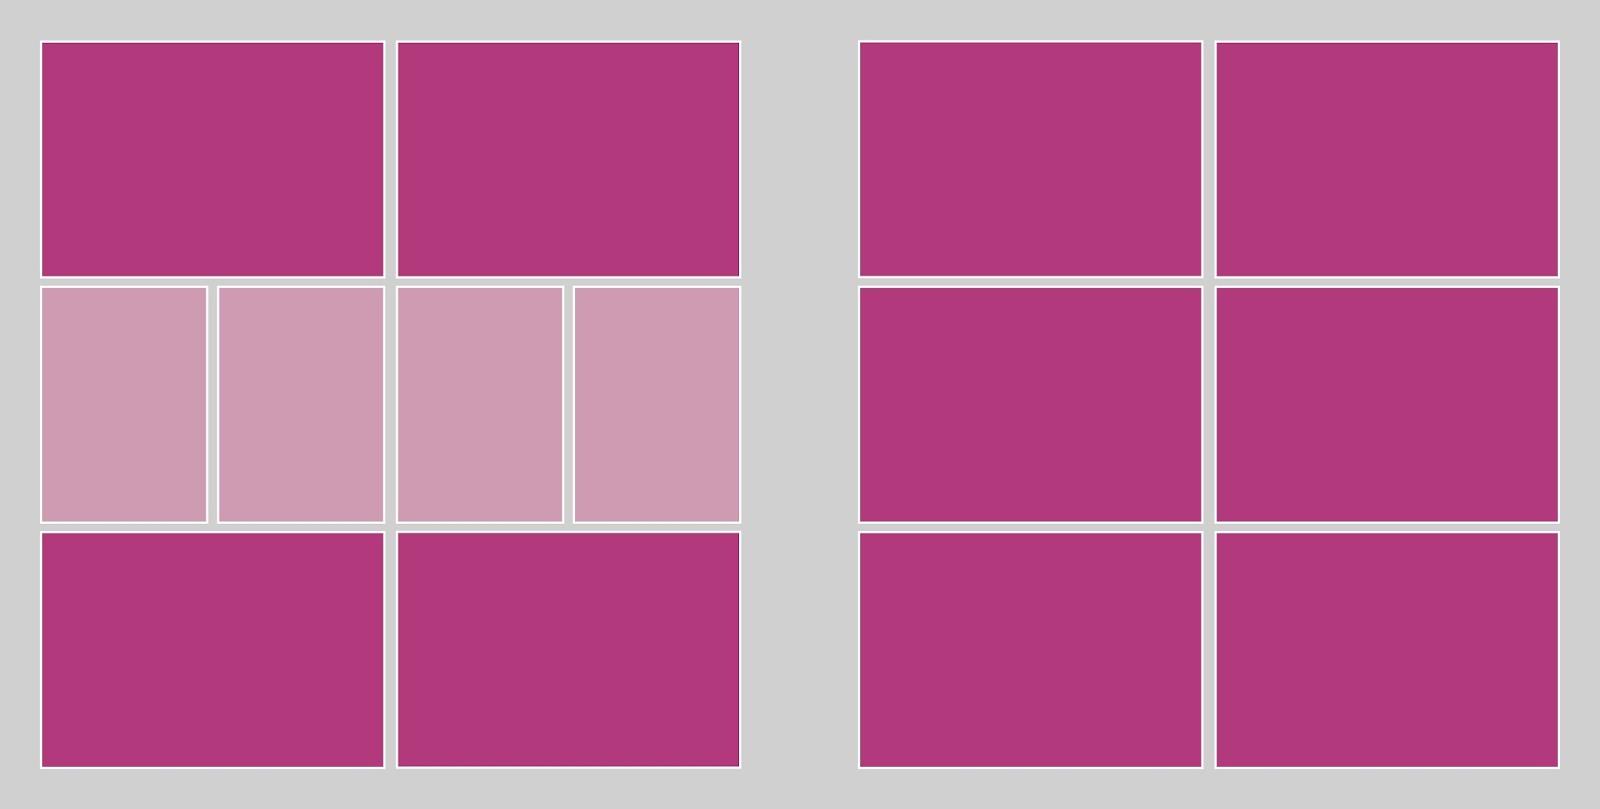 Único Plantilla De Collage De Imagen Libre Festooning - Ejemplo De ...